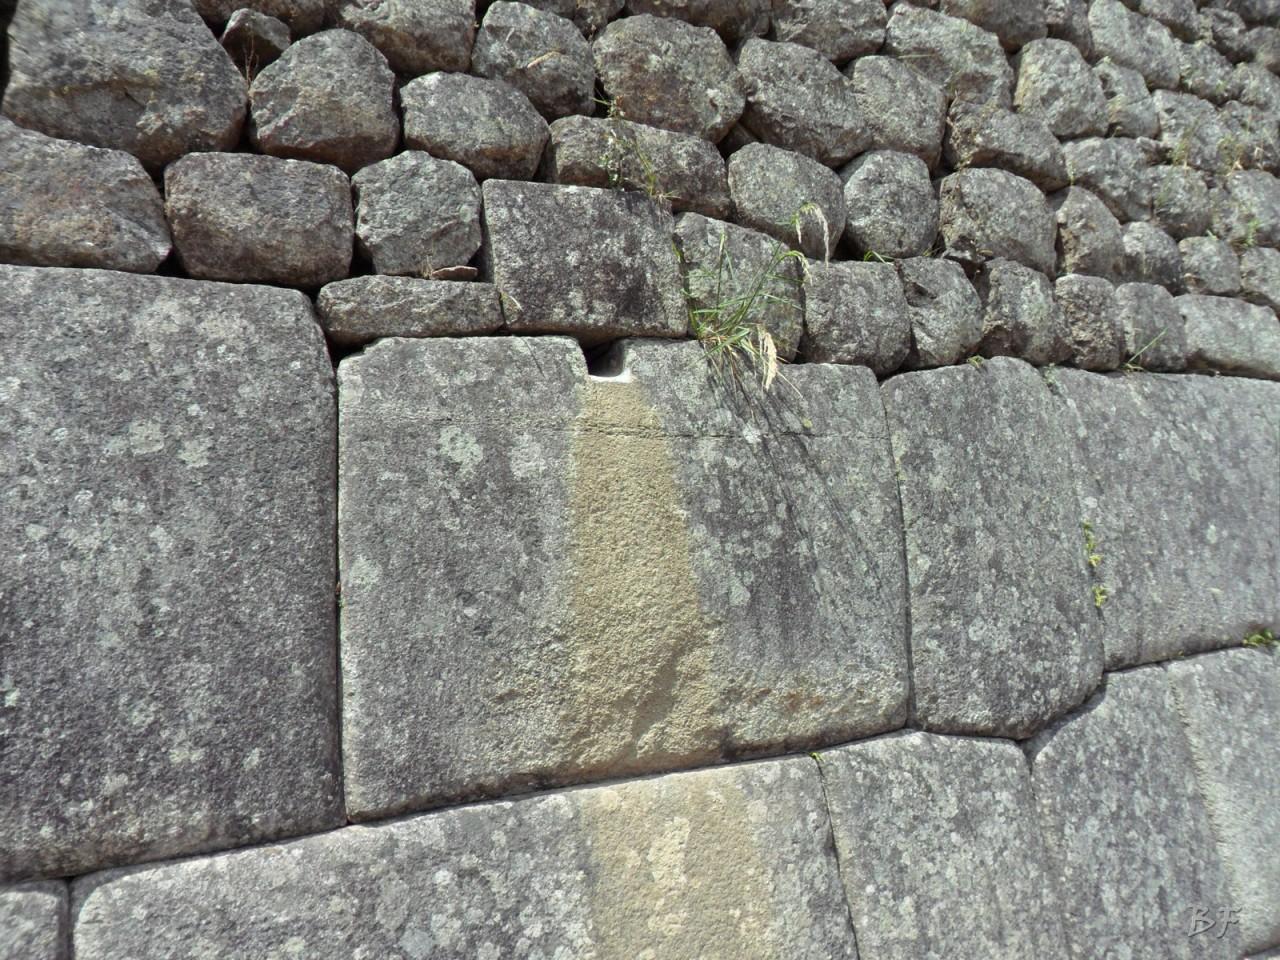 Mura-Poligonali-Incisioni-Altari-Edifici-Rupestri-Megaliti-Machu-Picchu-Aguas-Calientes-Urubamba-Cusco-Perù-143